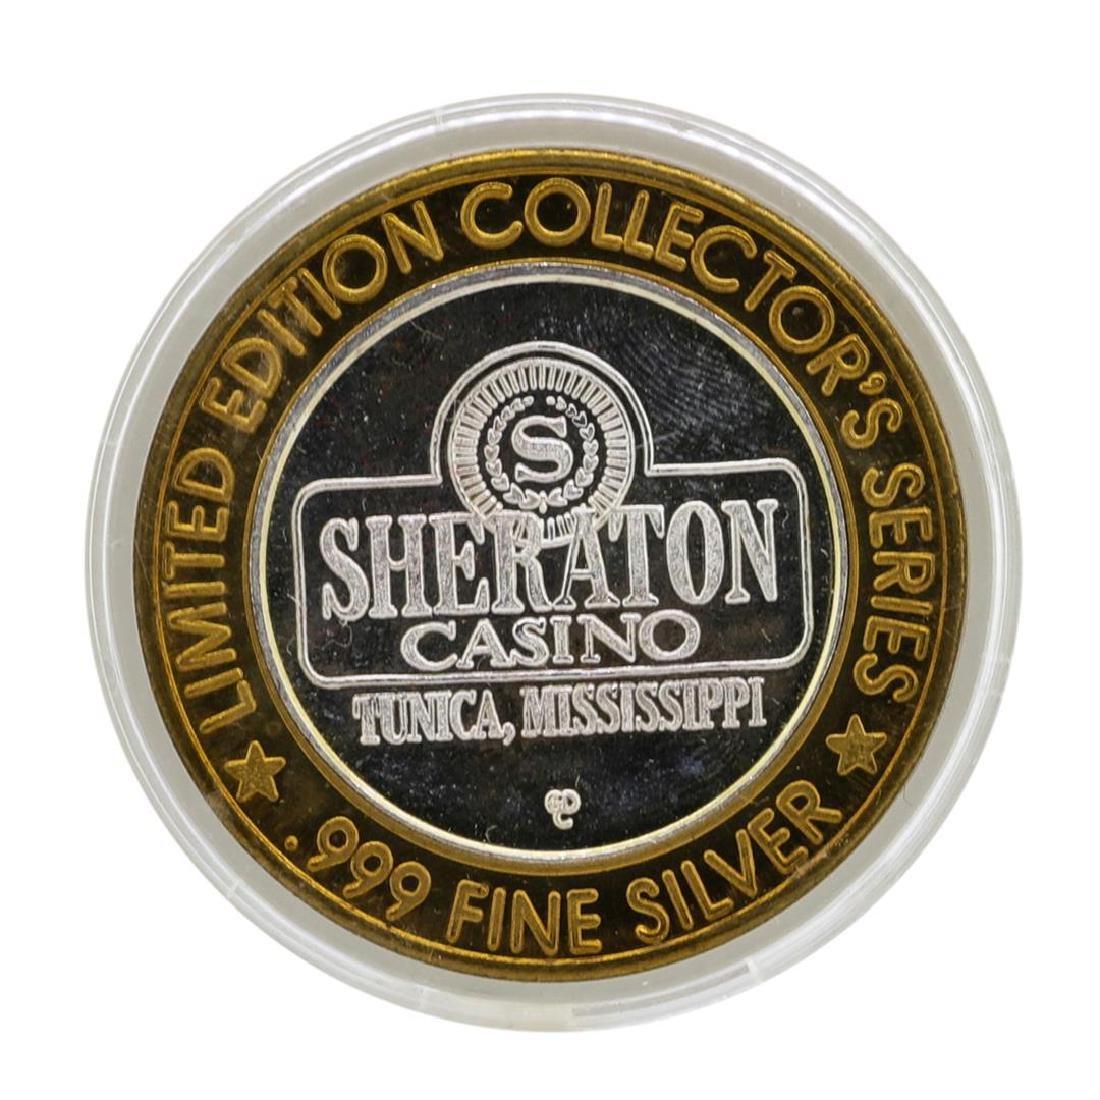 .999 Silver Sheraton Casino Tunica, Mississippi $10